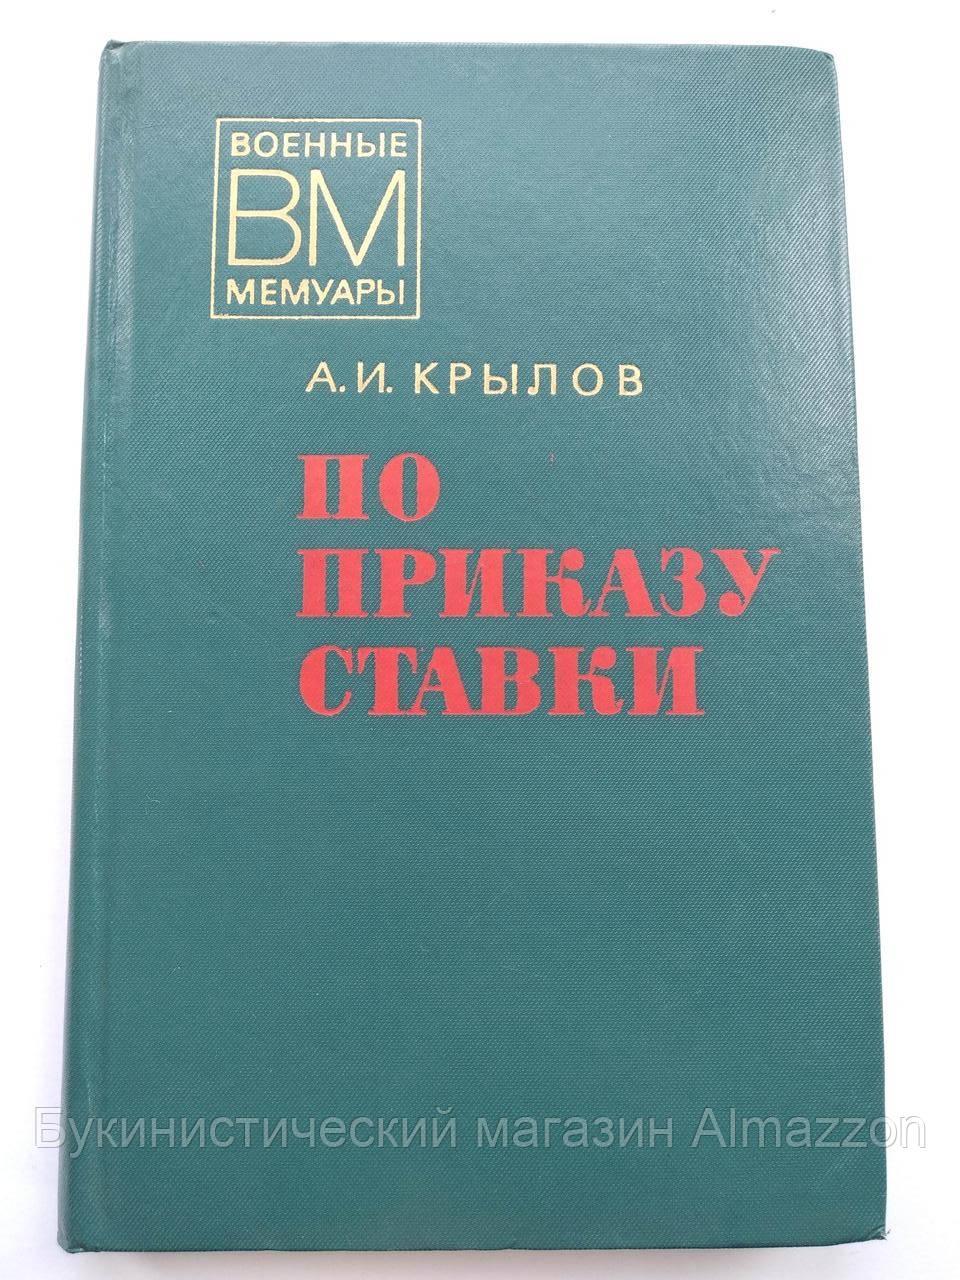 По приказу ставки. А.И.Крылов. Военные мемуары. 1977 год. Воениздат